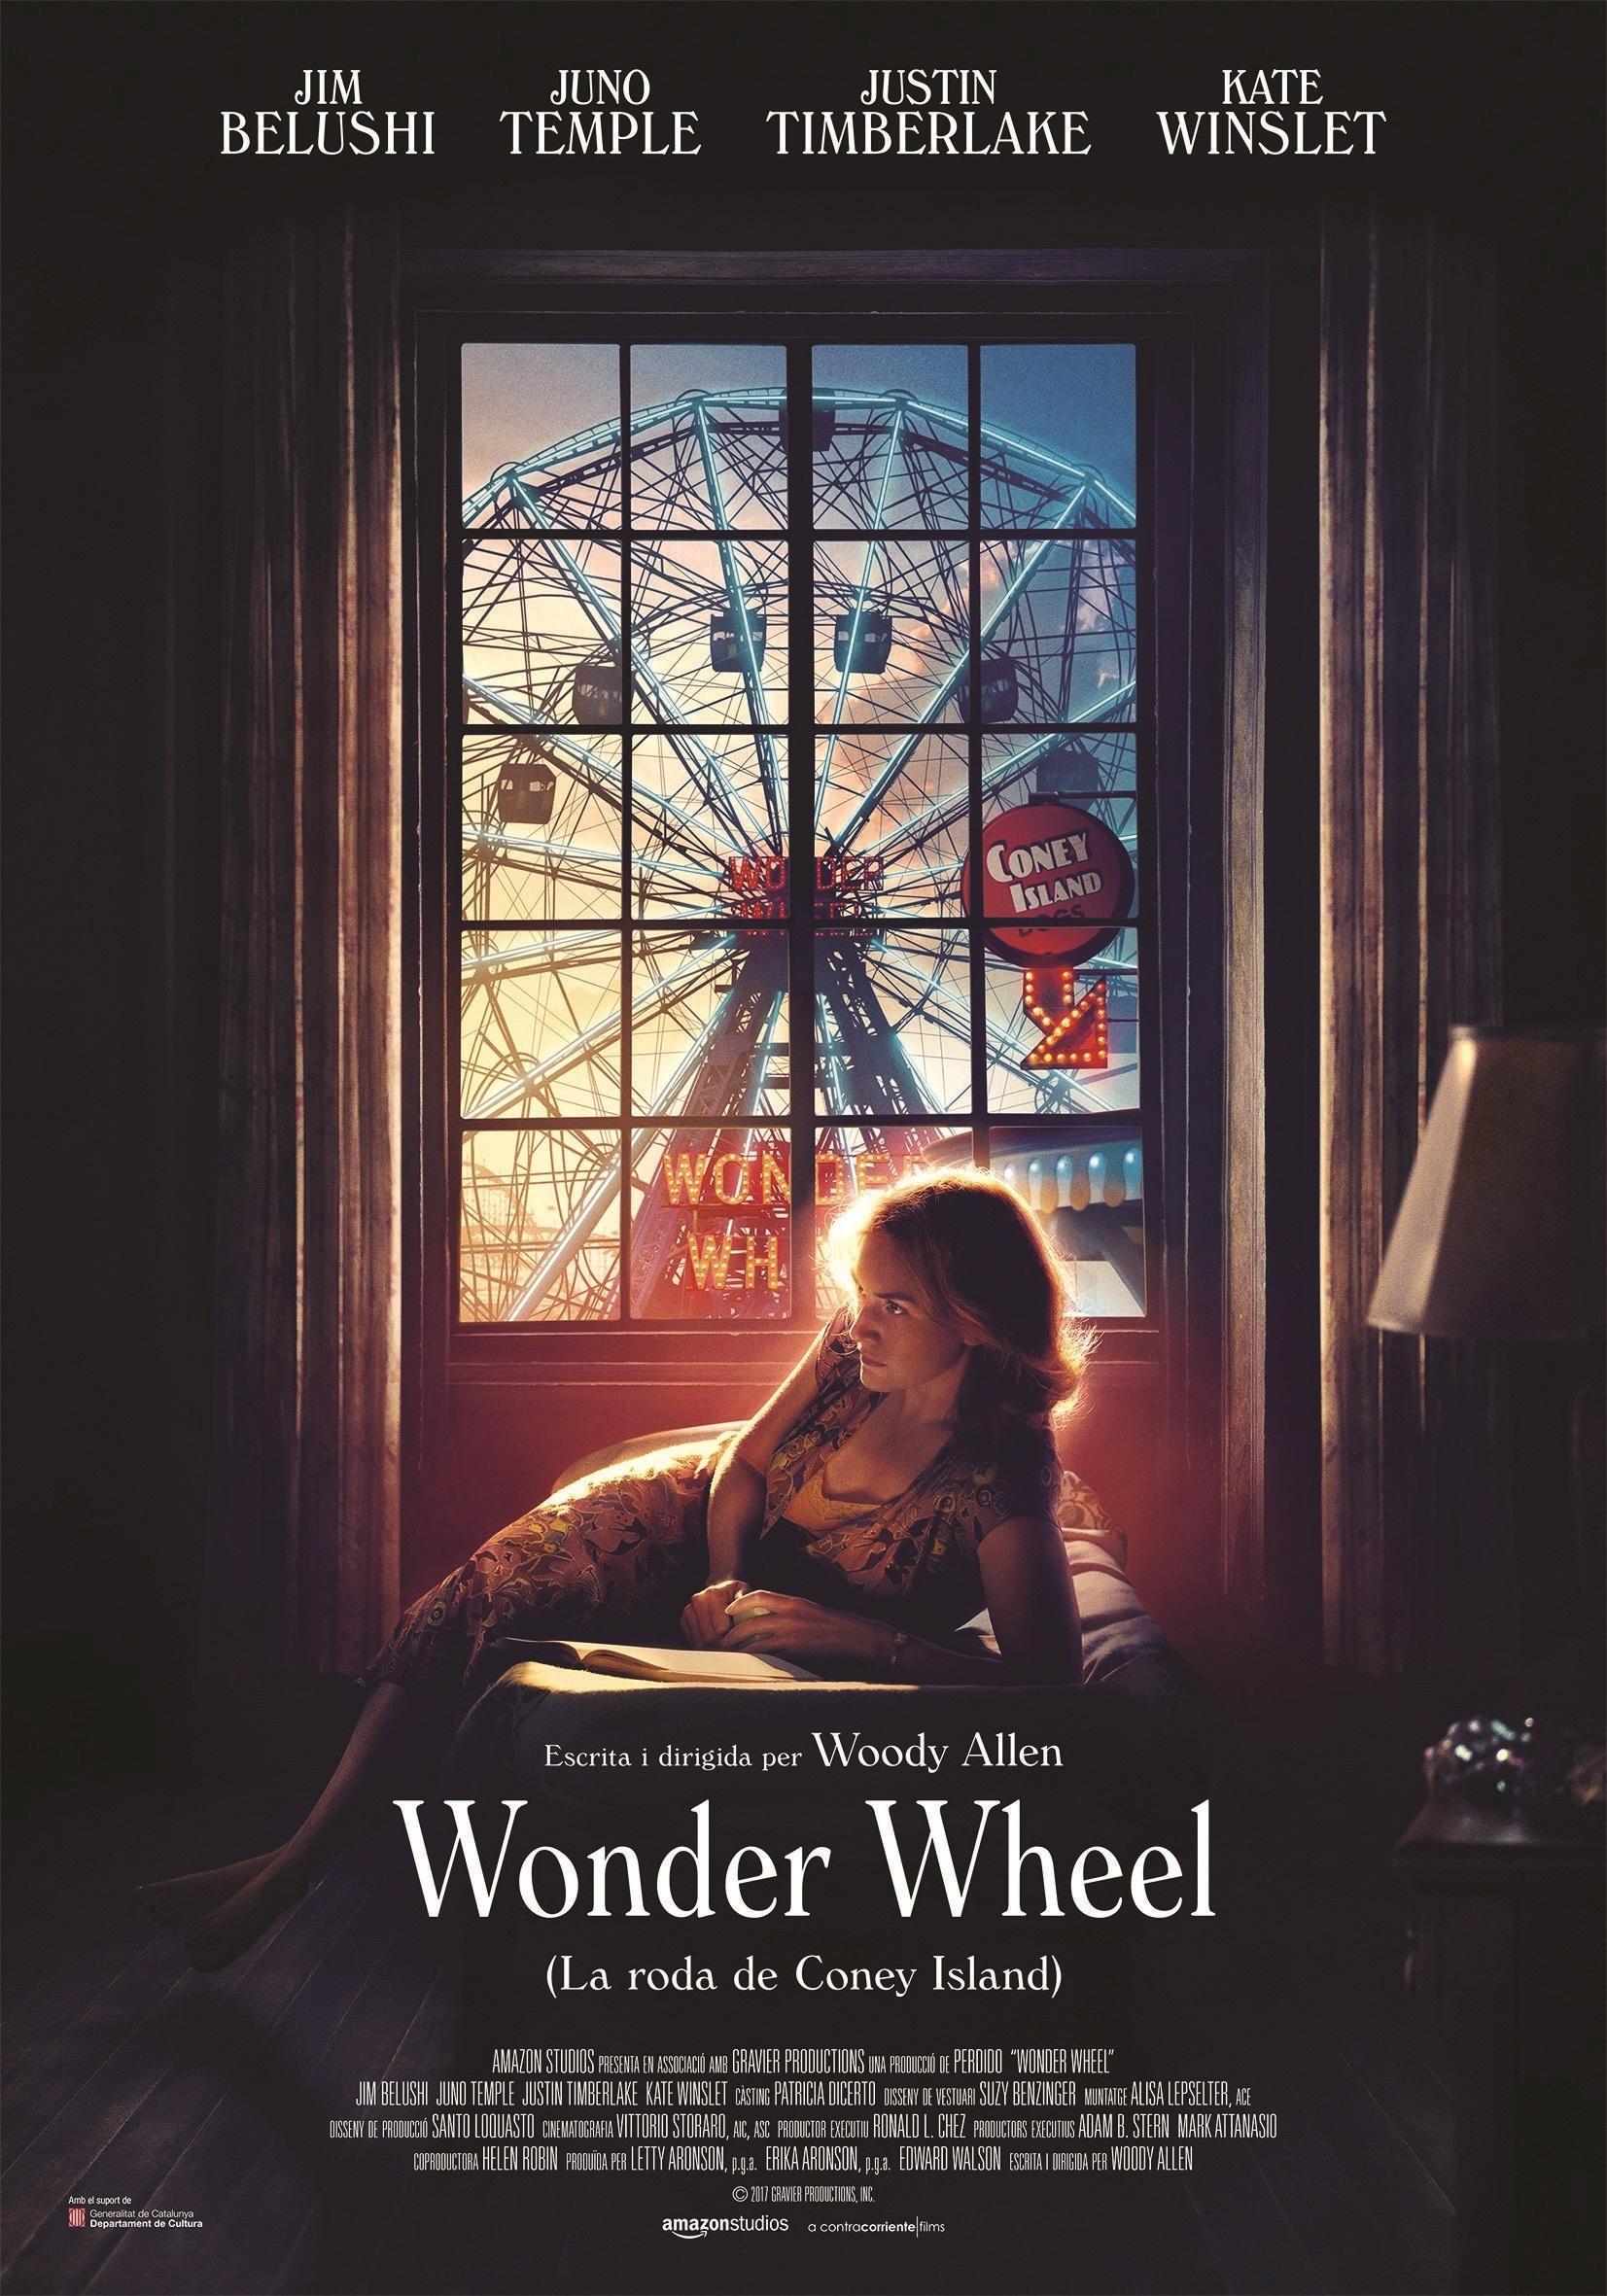 Cartel de Wonder Wheel (La noria de Coney Island)